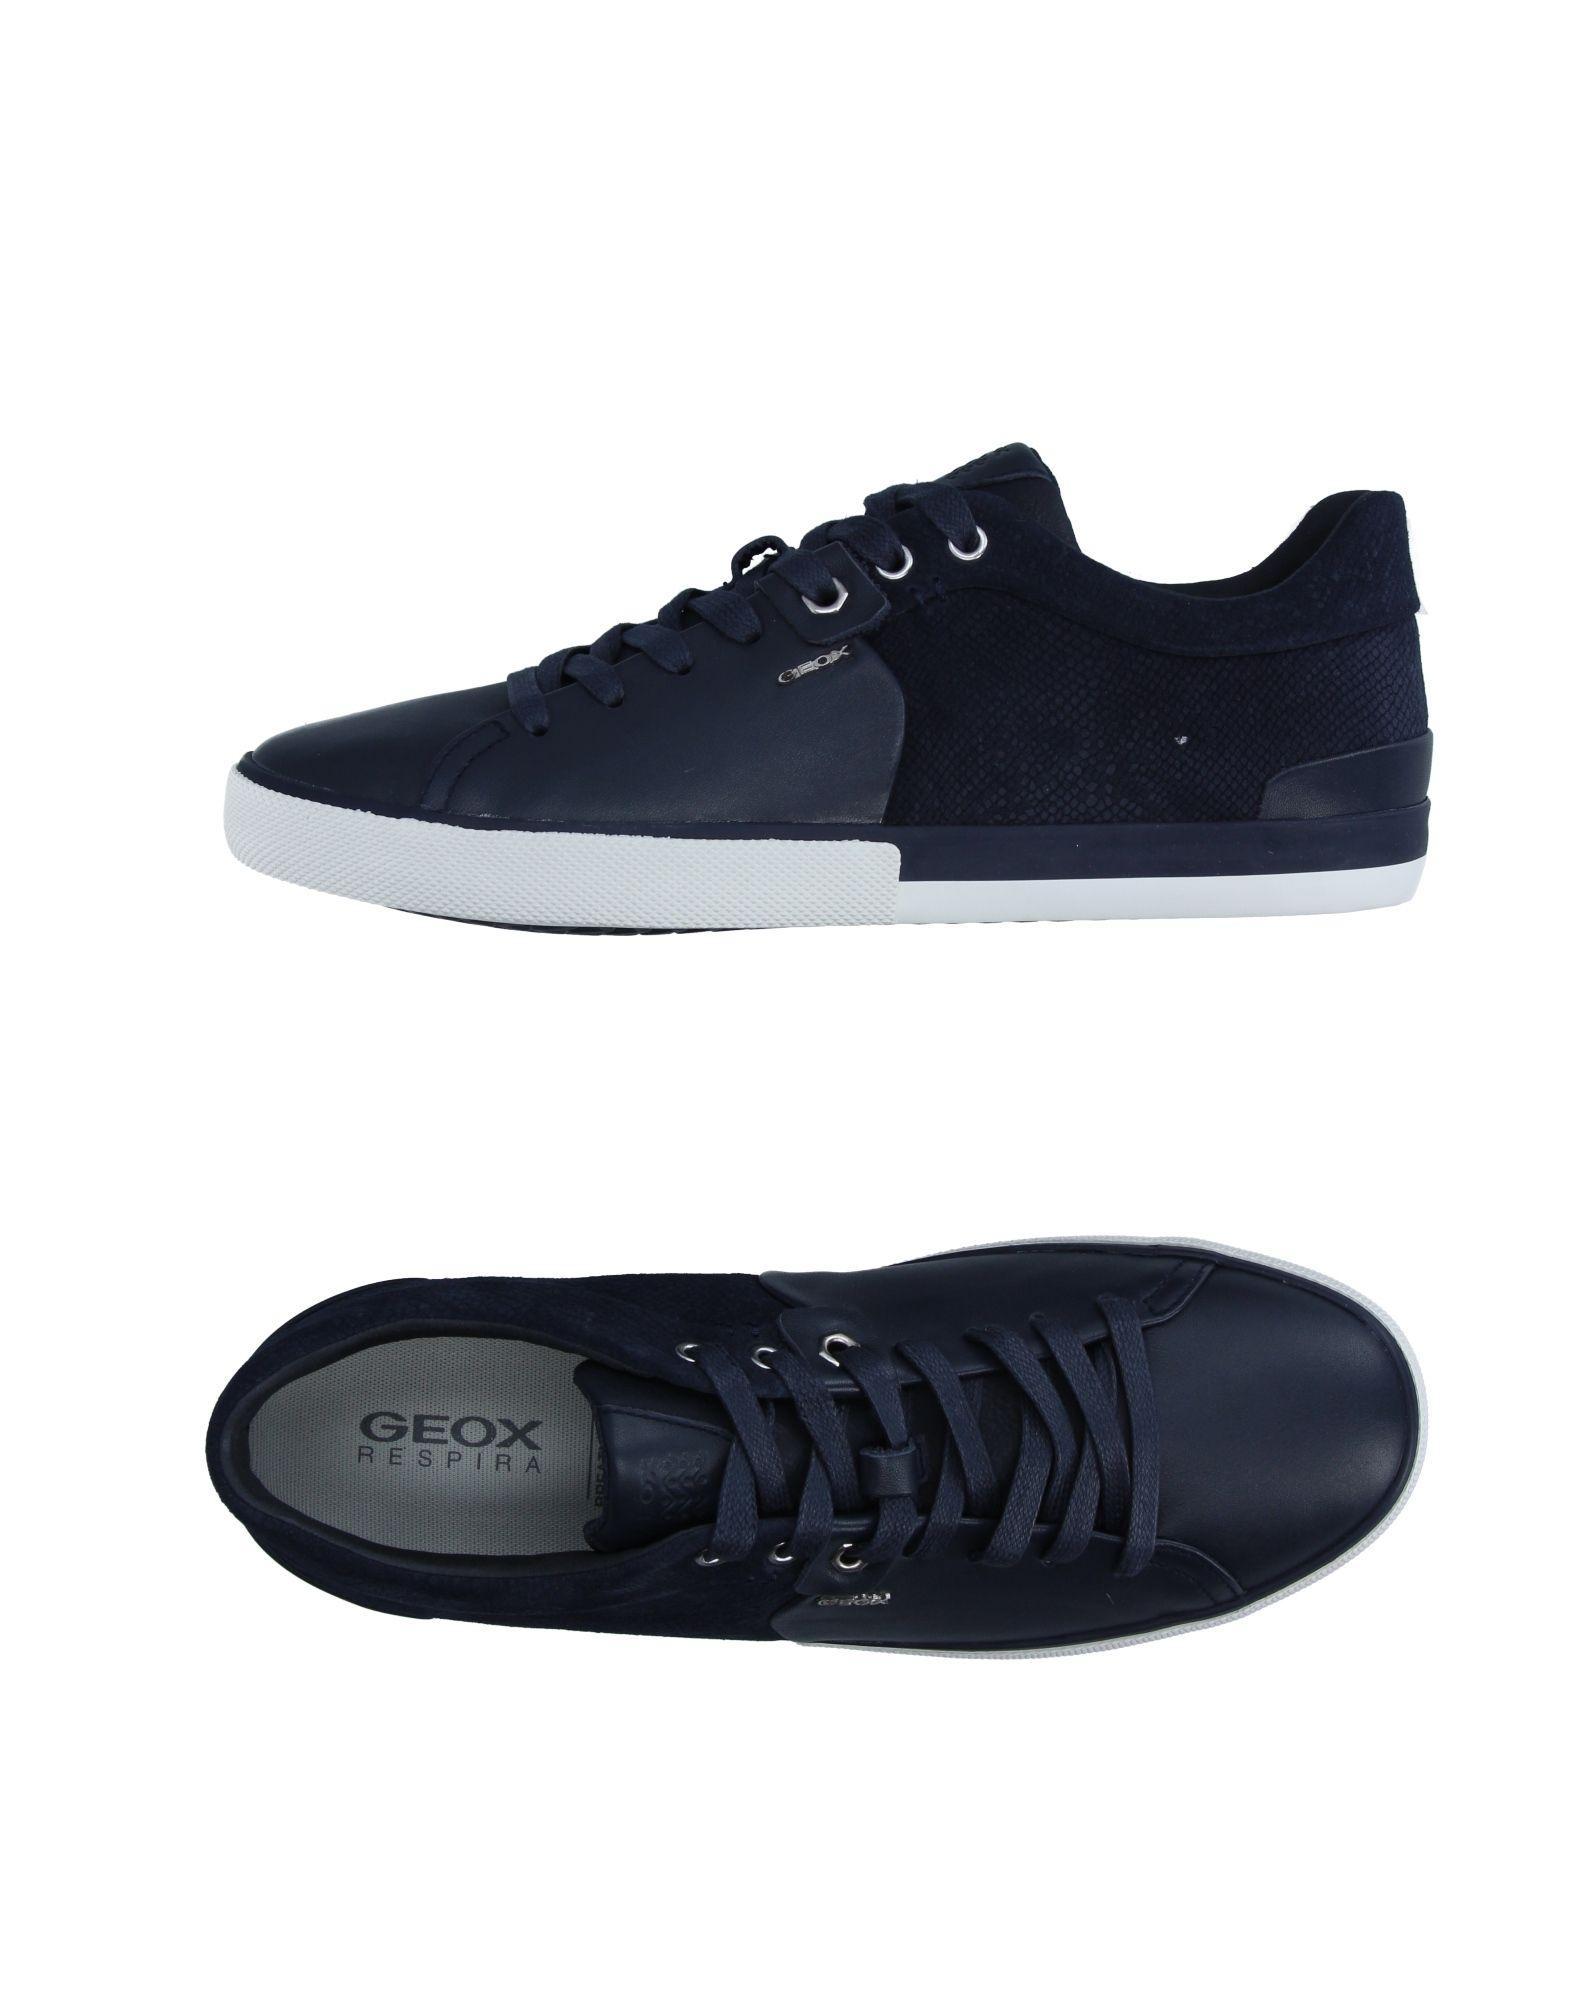 Sneakers Geox Homme - Sneakers Geox  Bleu foncé Dédouanement saisonnier